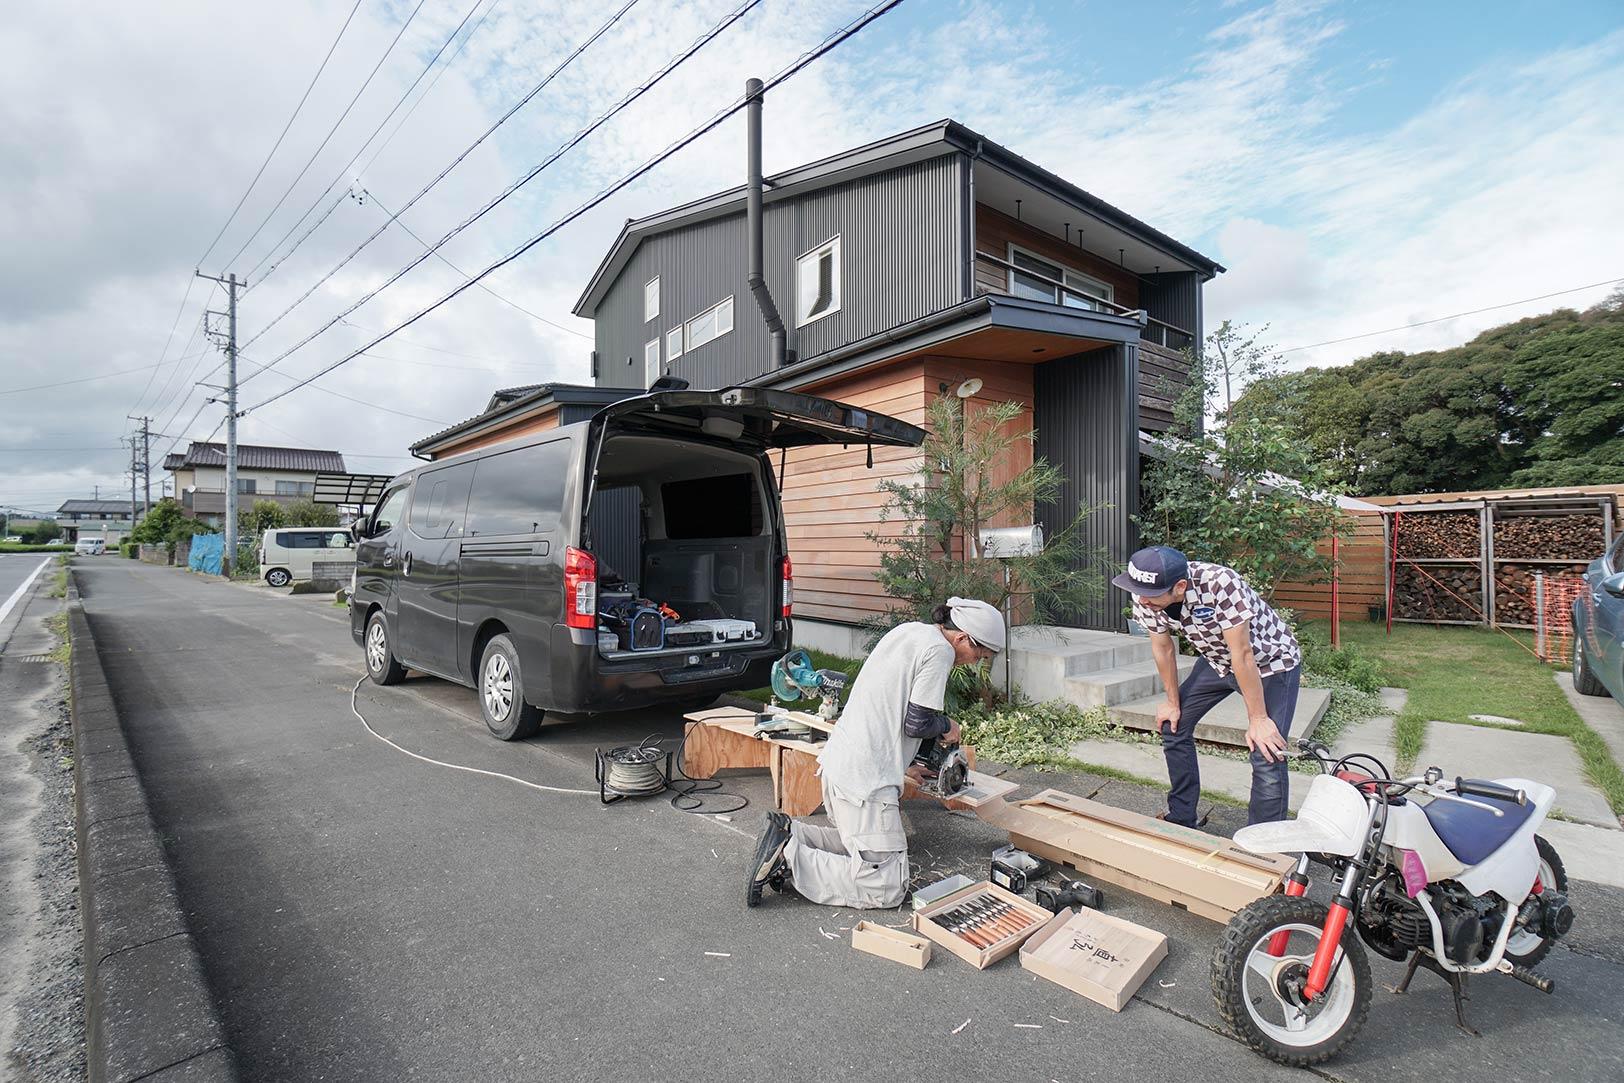 バイク仲間の大工さんが鈴木さんの愛車「ラムバン」の床を修理していた。代わりに鈴木さんはバイクを修理してあげるのだとか